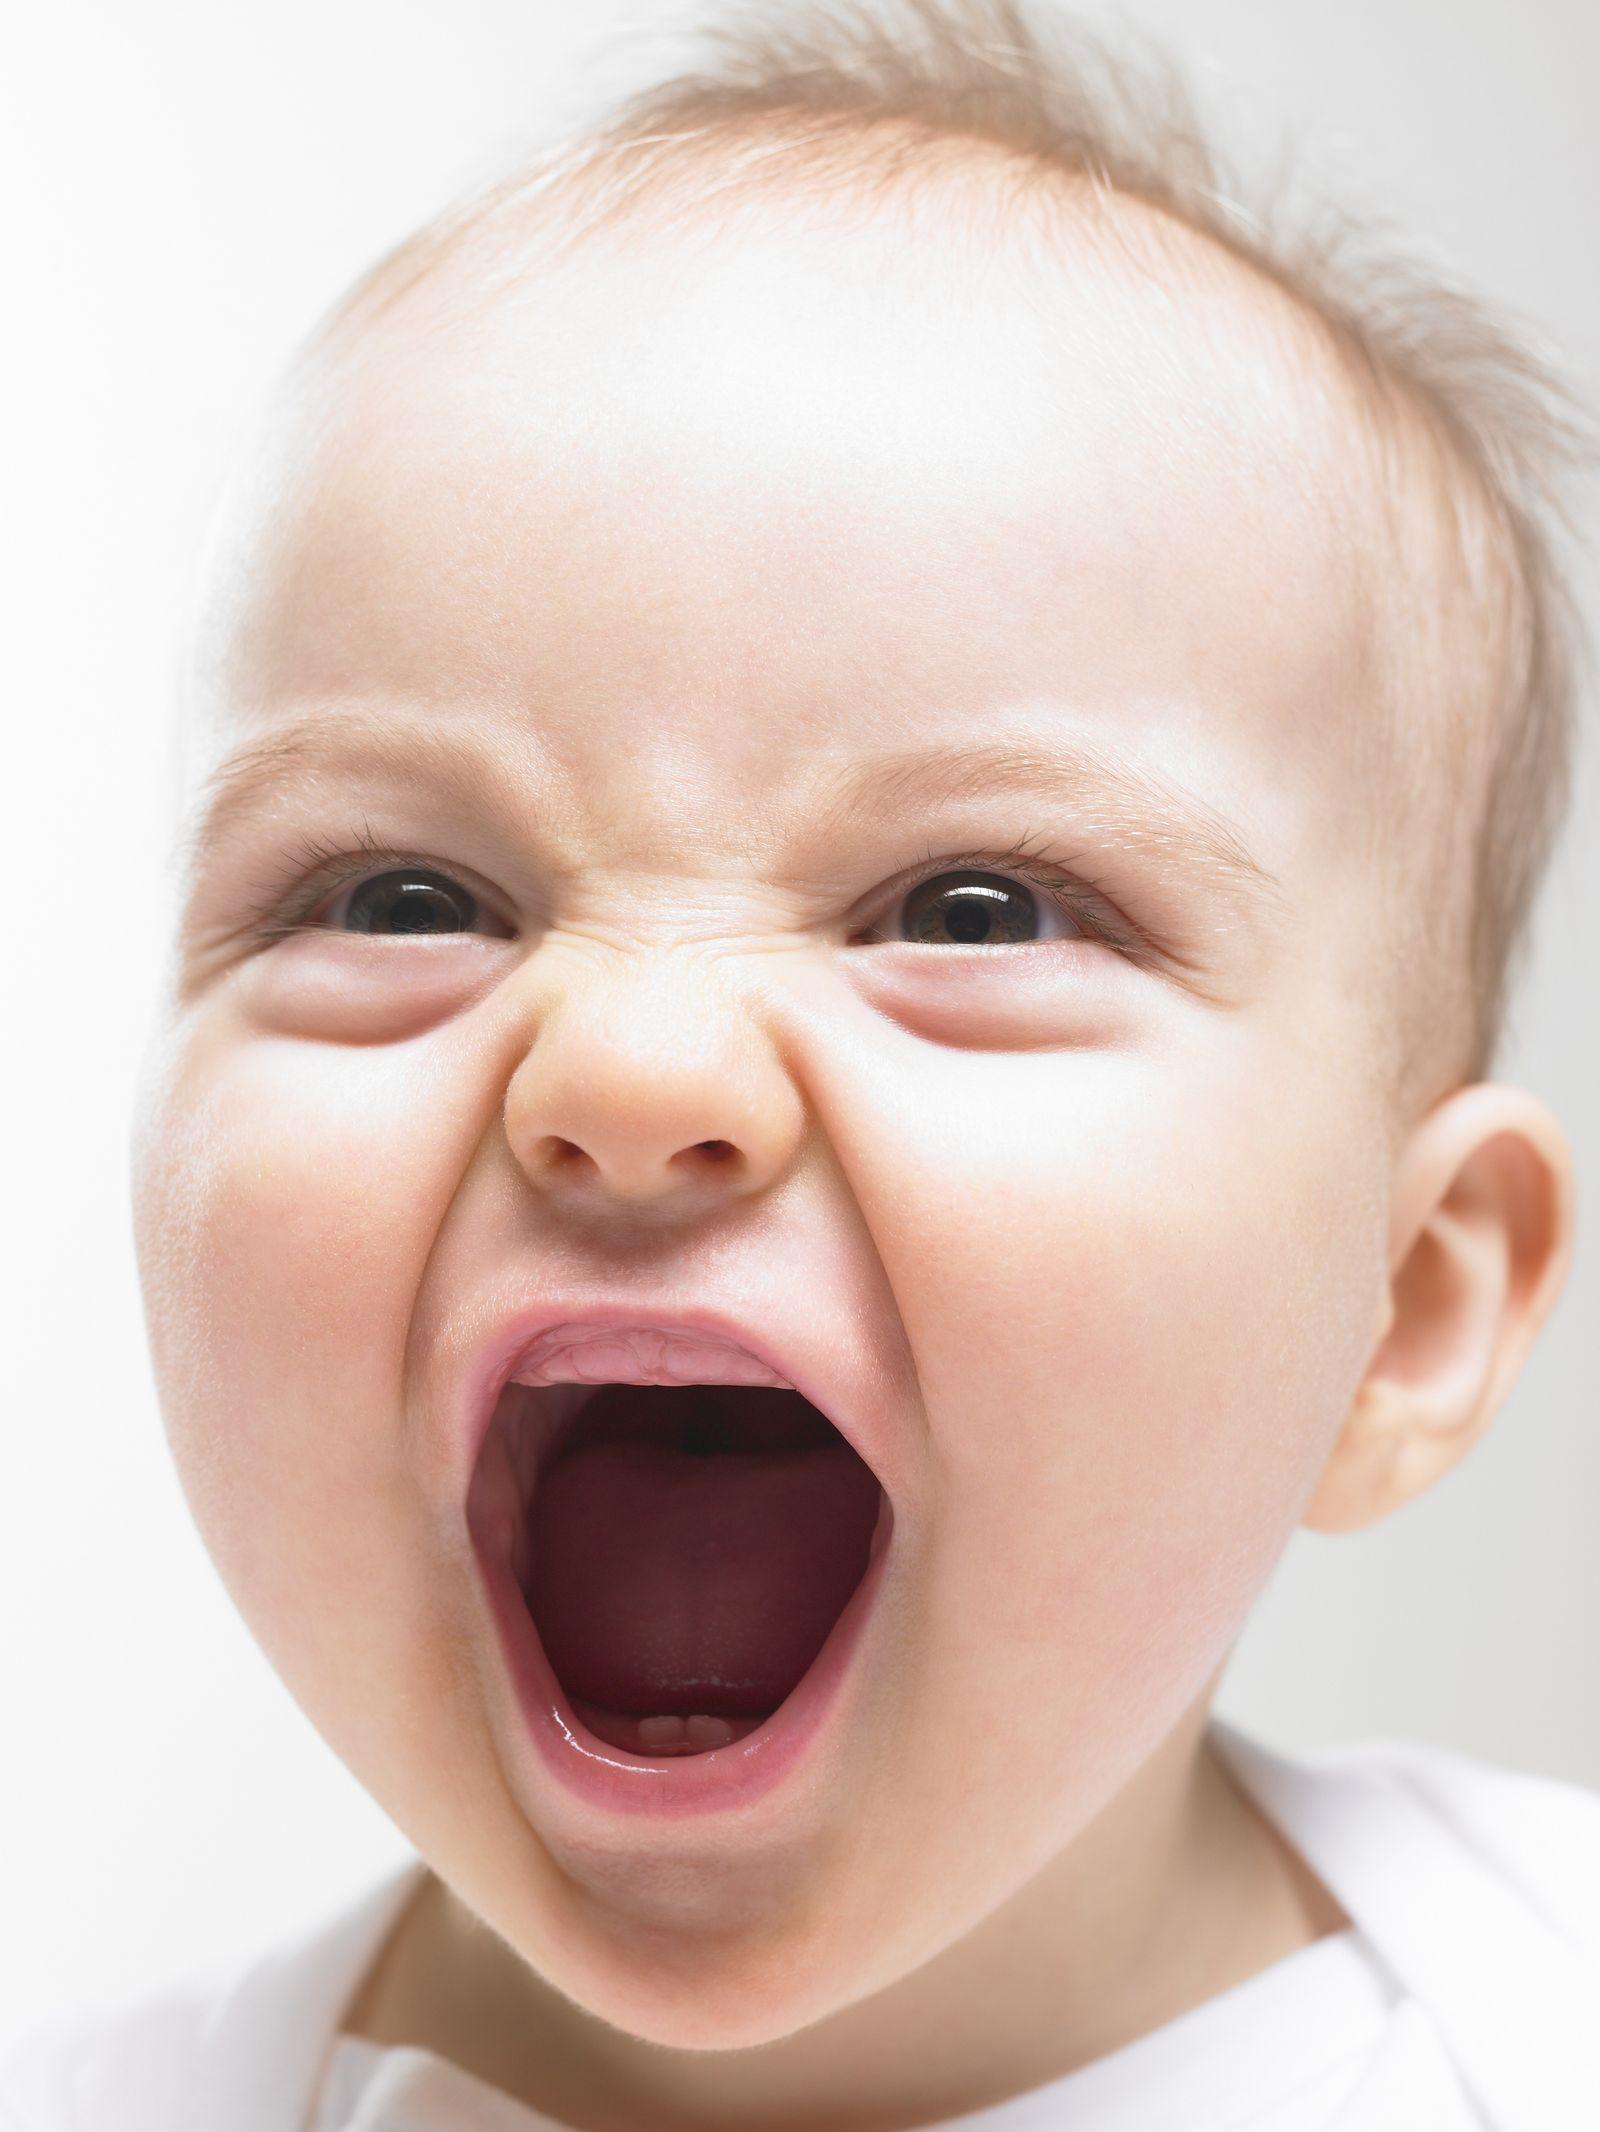 NICHT MEHR VERWENDEN! - Baby/ Schrei